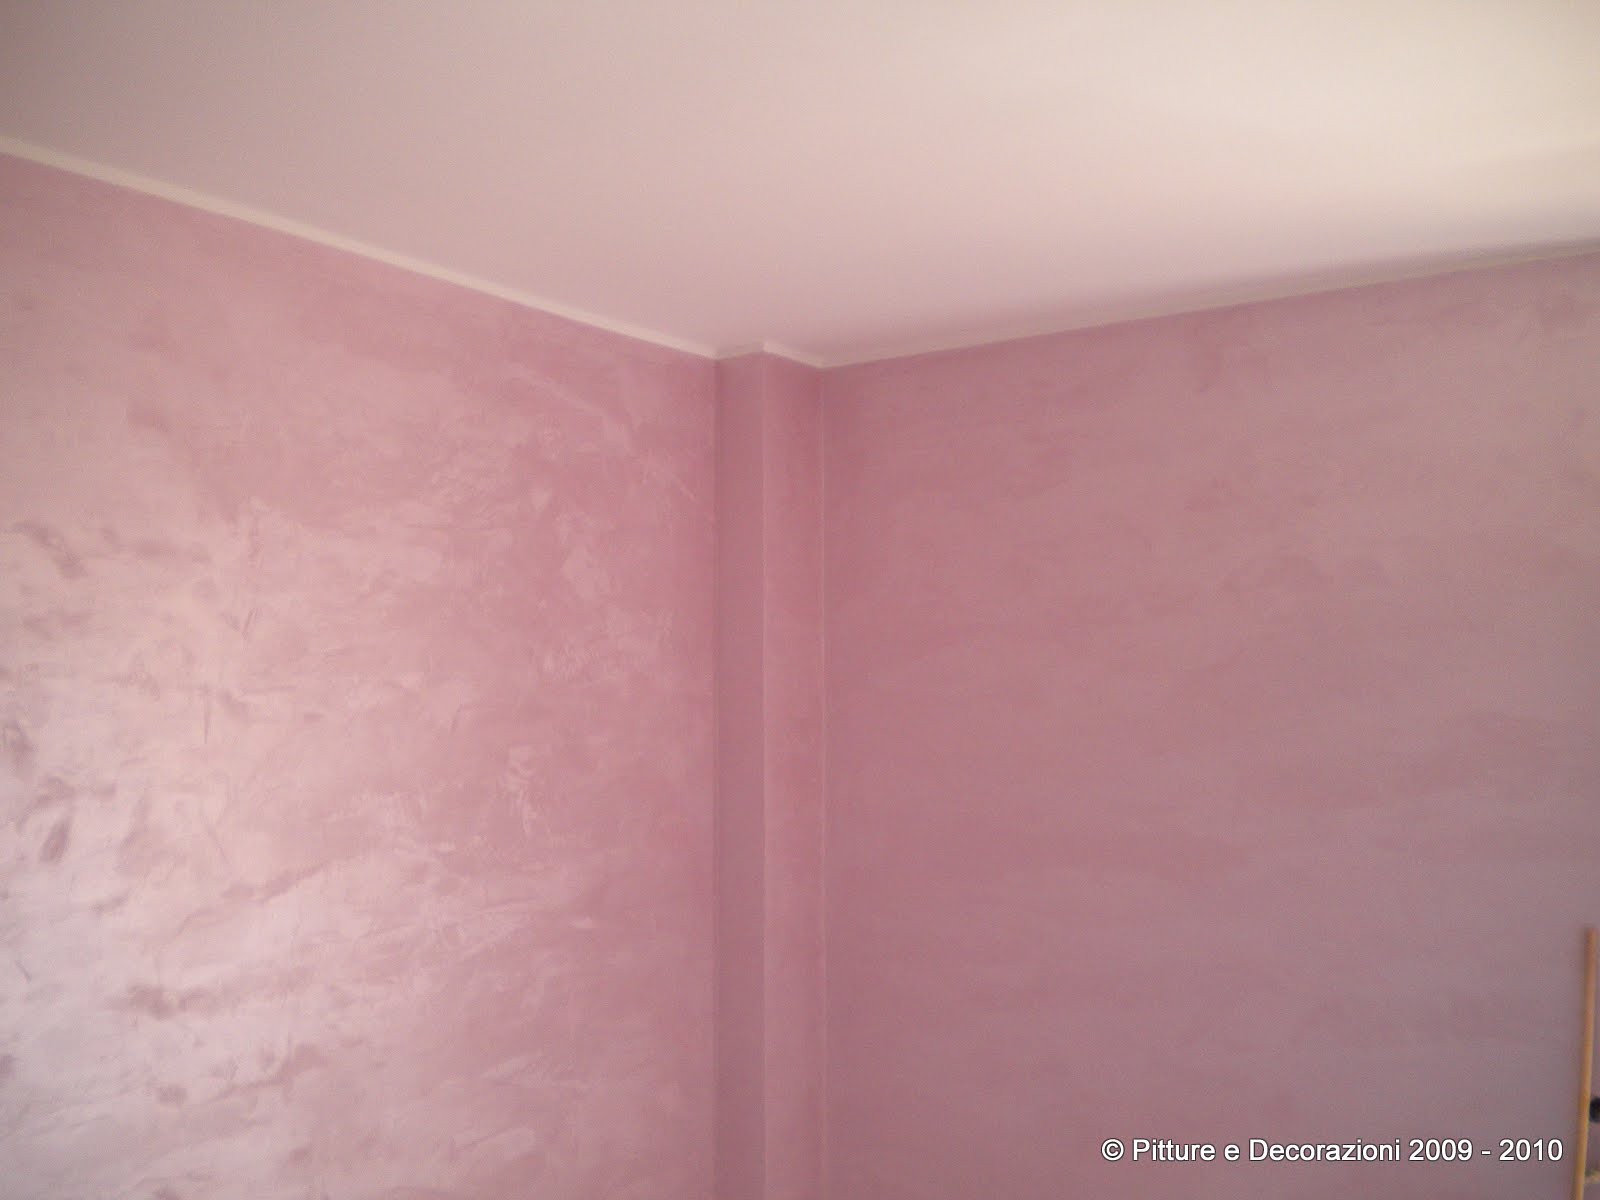 Pitture decorazioni decorazione con oikos ottocento - Pitture particolari per interni decorazioni ...